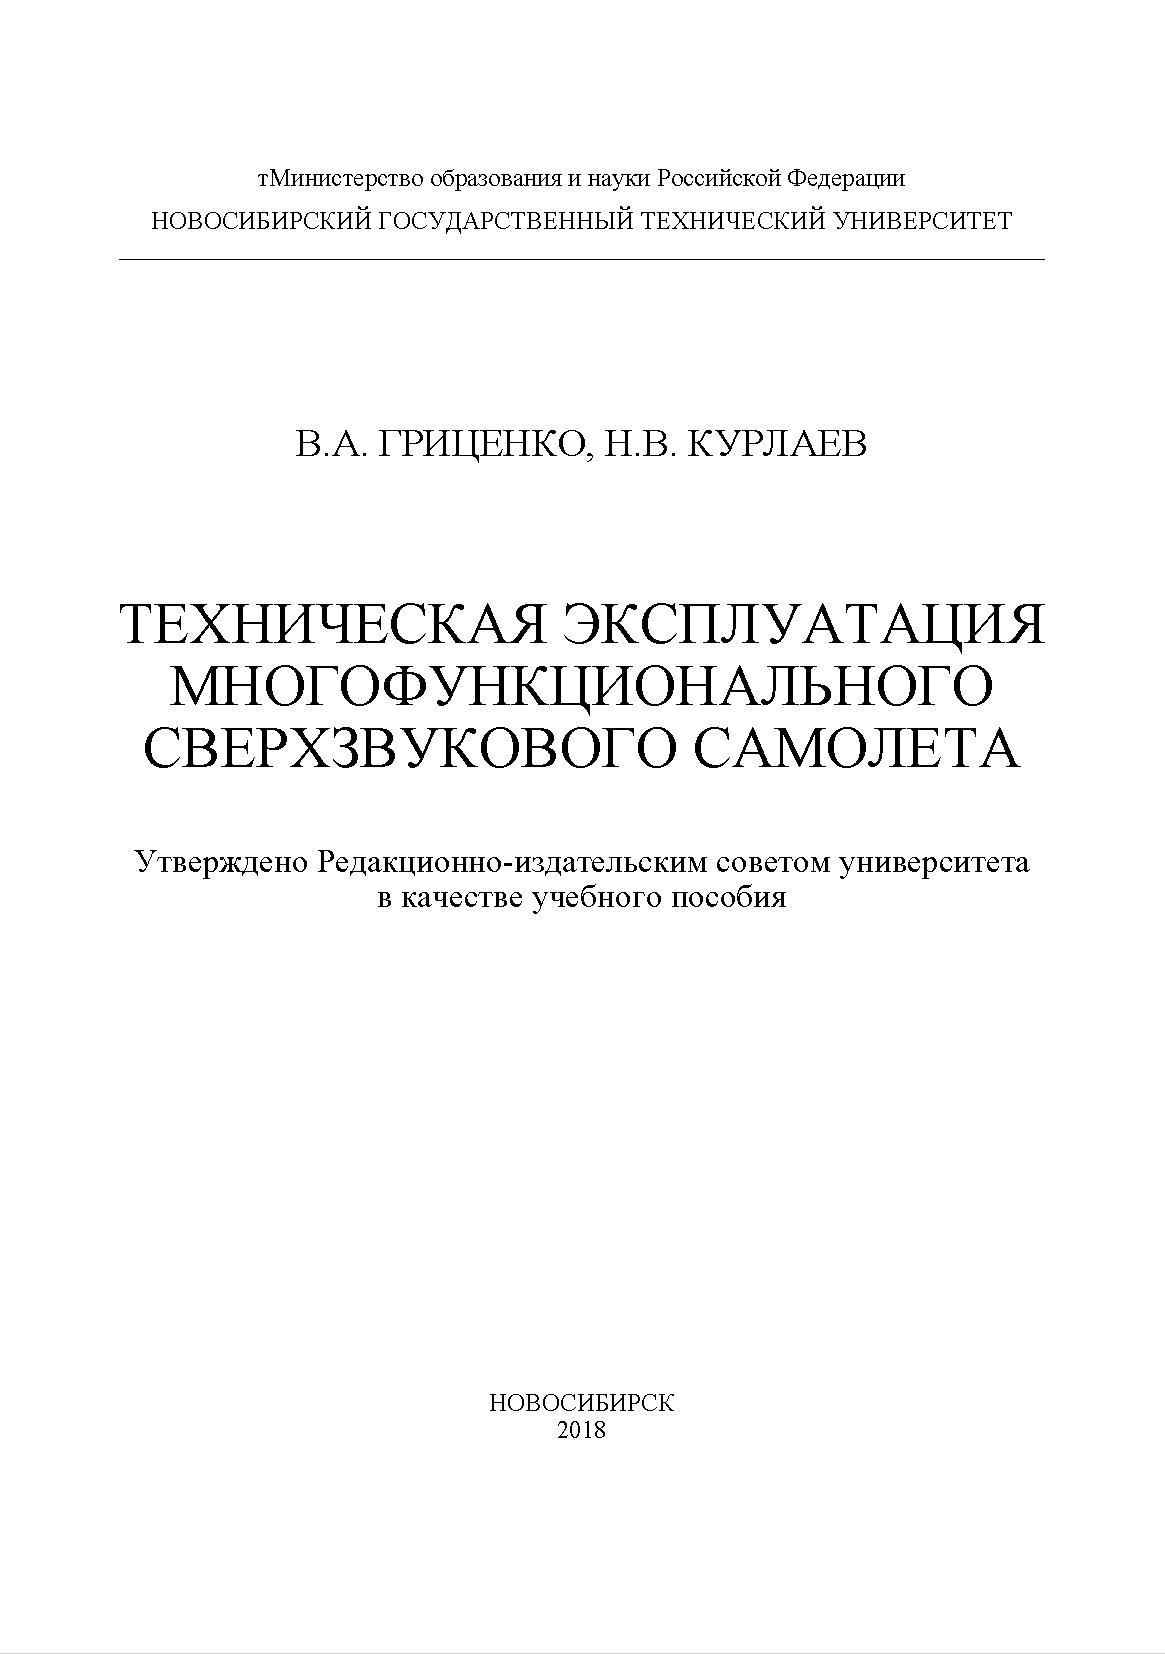 Н. В. Курлаев Техническая эксплуатация многофункционального сверхзвукового самолета